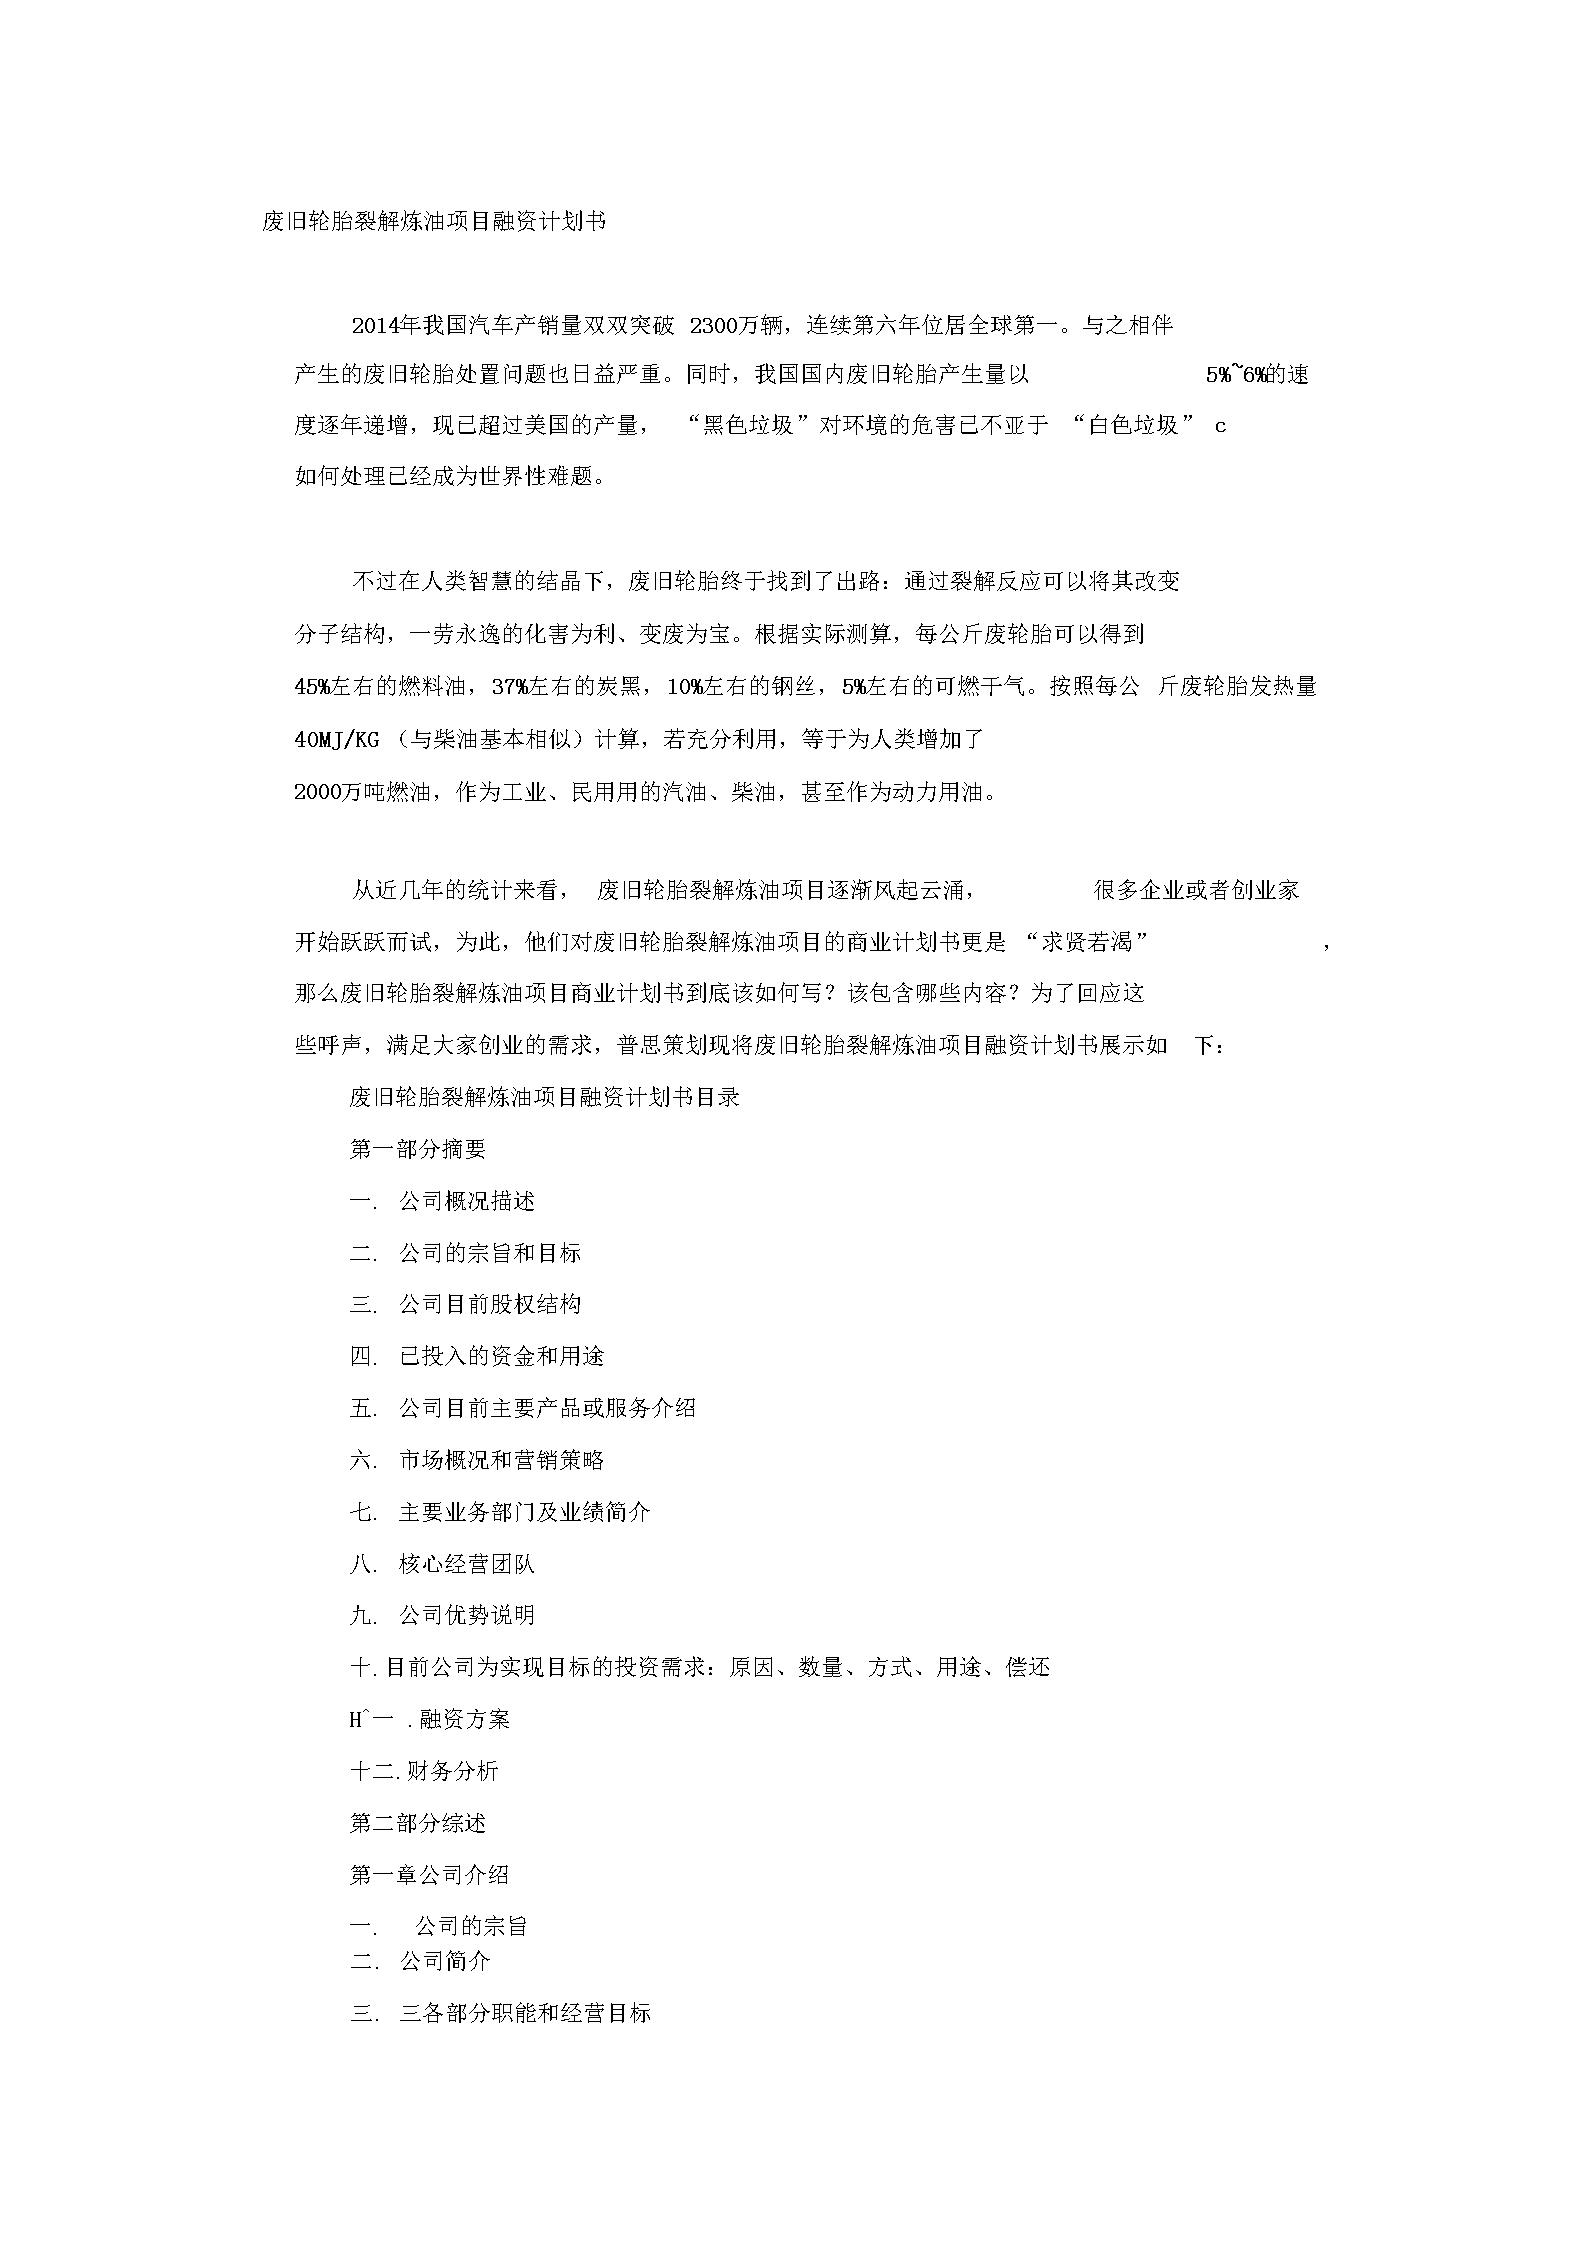 废旧轮胎裂解炼油项目融资计划书.docx